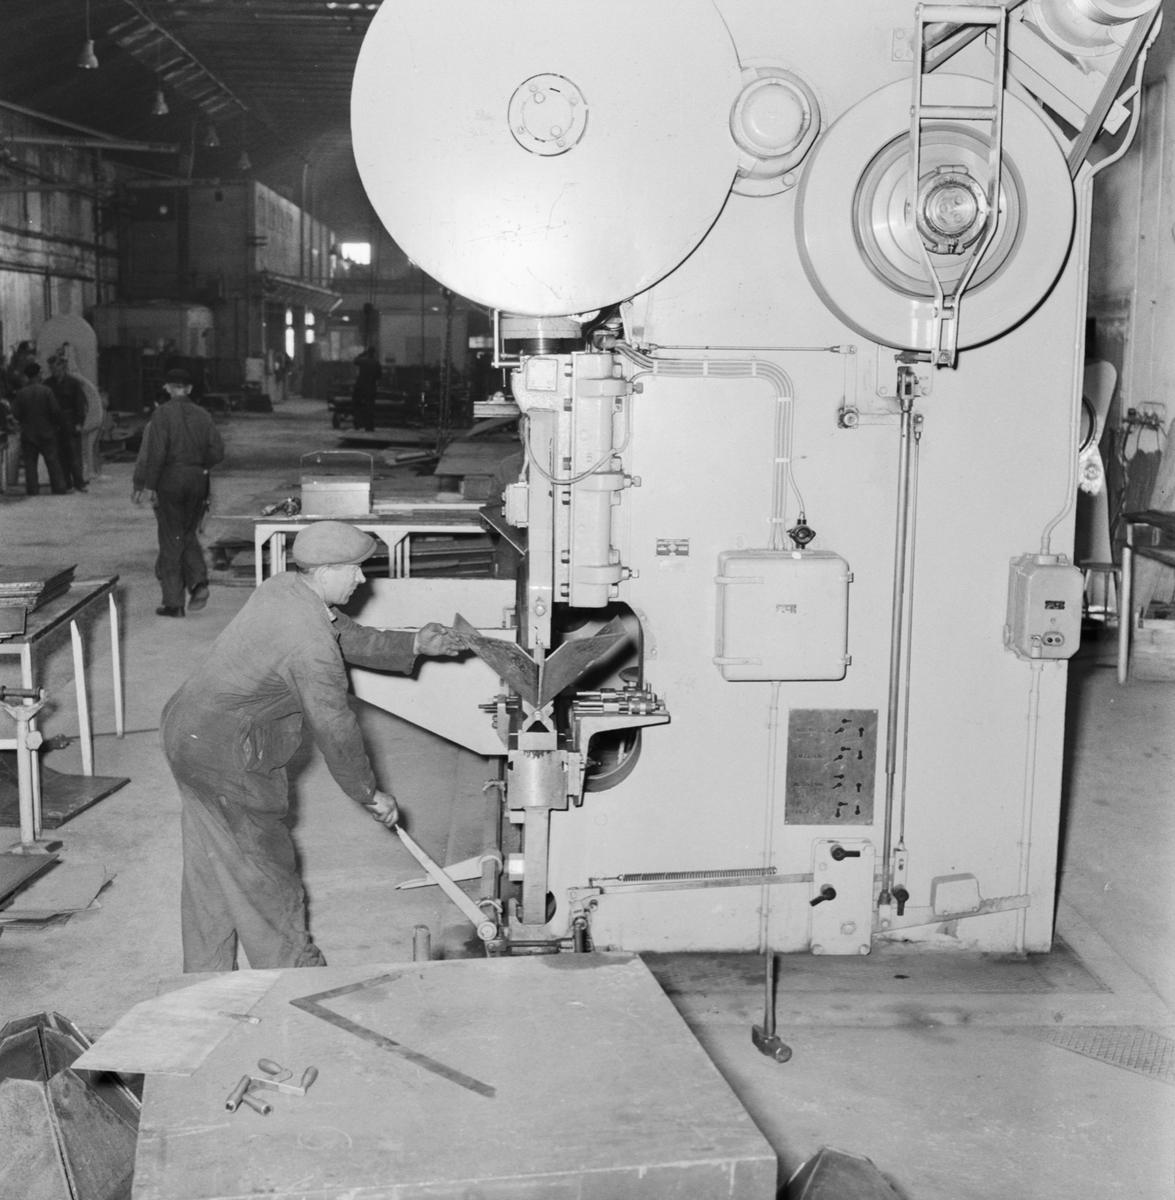 """Övrigt: Foto datum: 1/11 1958 Byggnader och kranar """"Varvet runt"""" Bilder från verkstad interiör"""